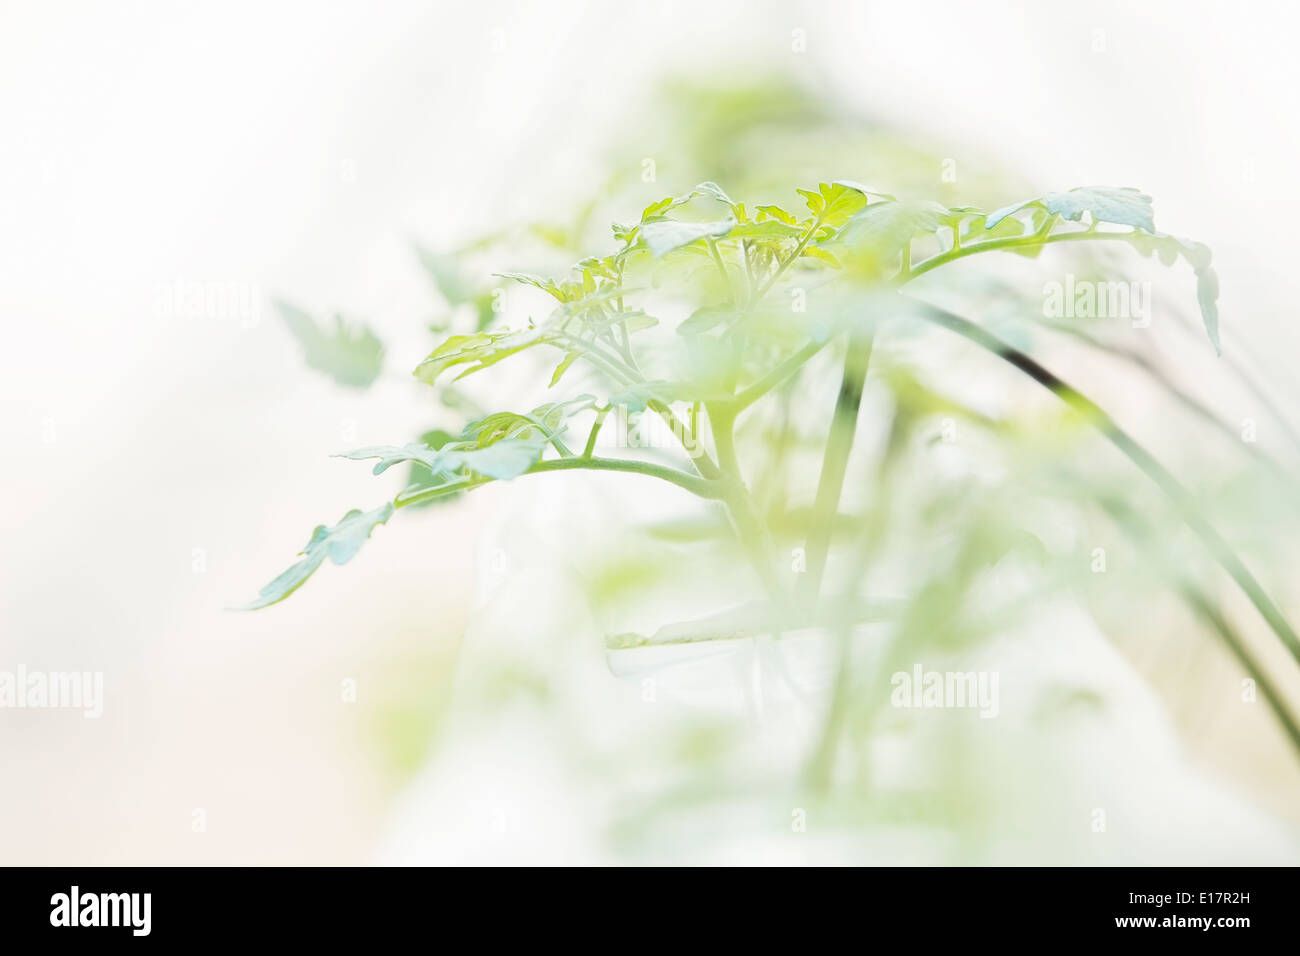 Nahaufnahme der Pflanze Setzling Stockbild